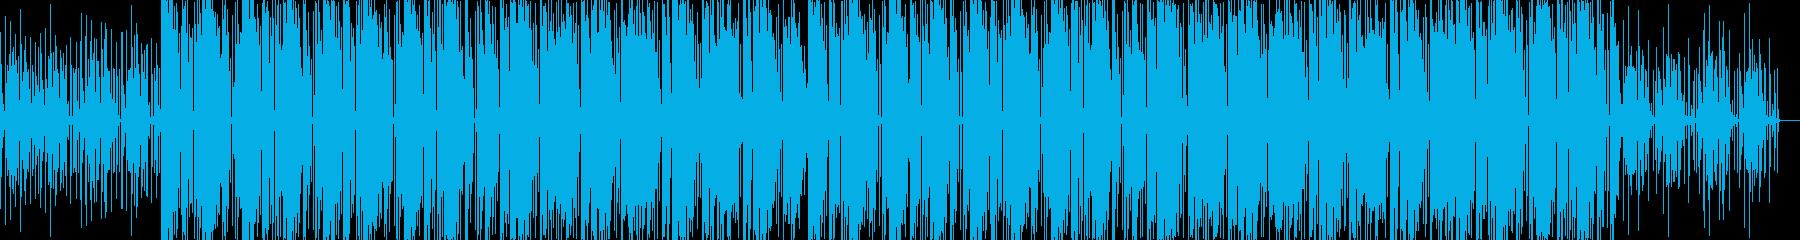 USのHiphopをイメージしたビートの再生済みの波形